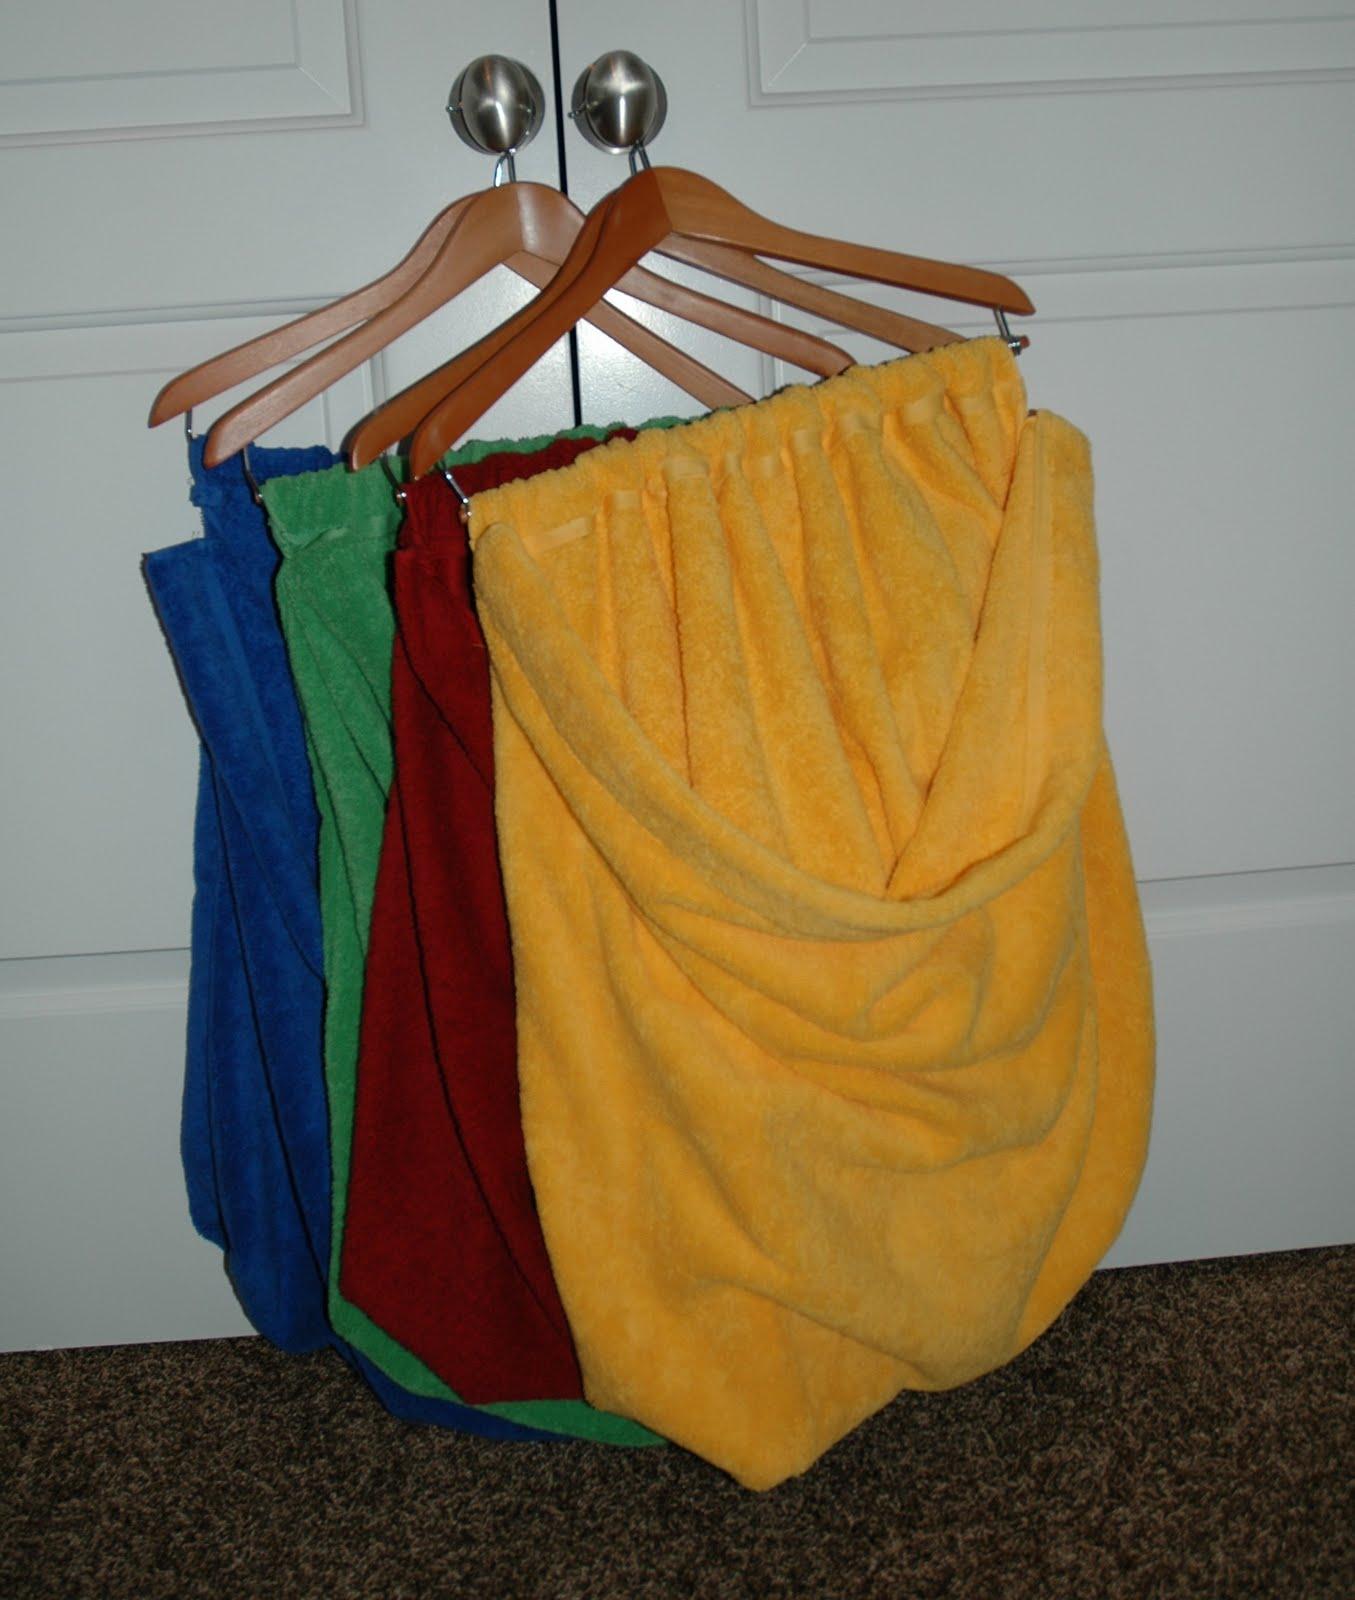 Interior Home Design Ideas Small Spaces Laundry Hamper